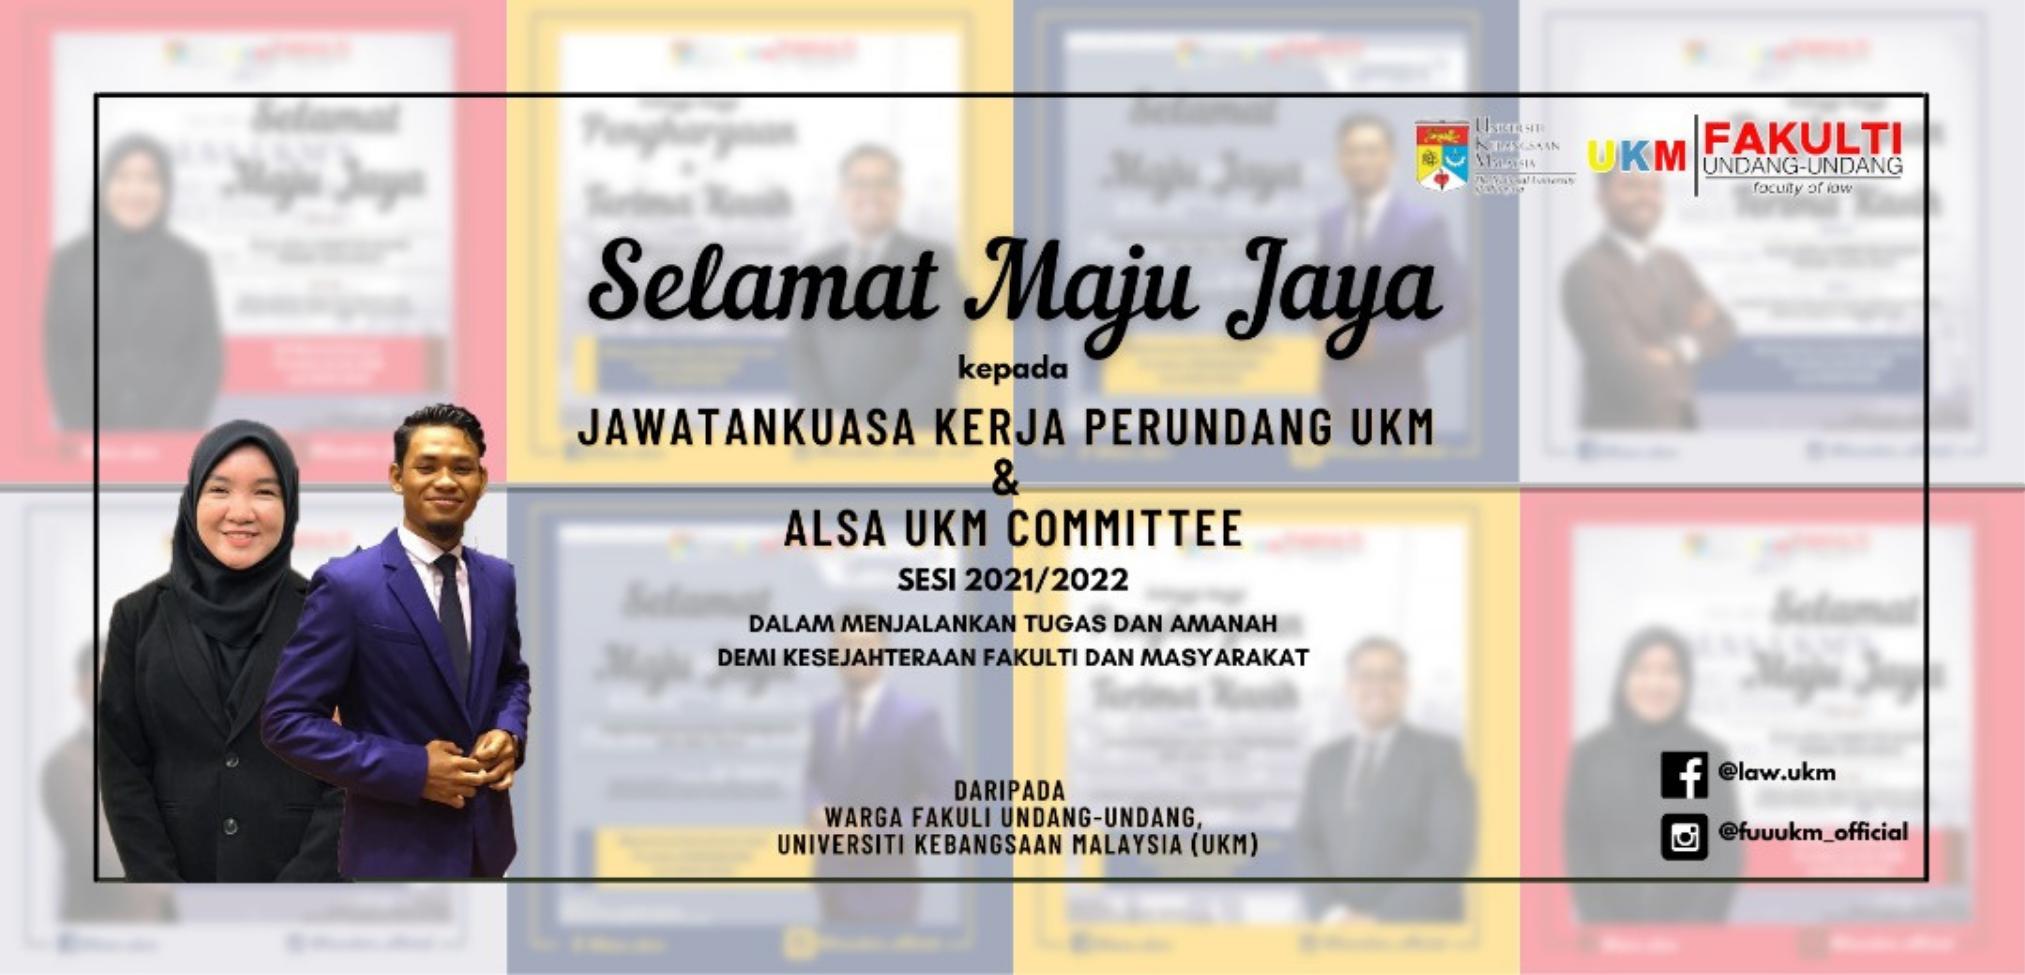 Selamat Maju Jaya Perundang & ALSA 2021-2022